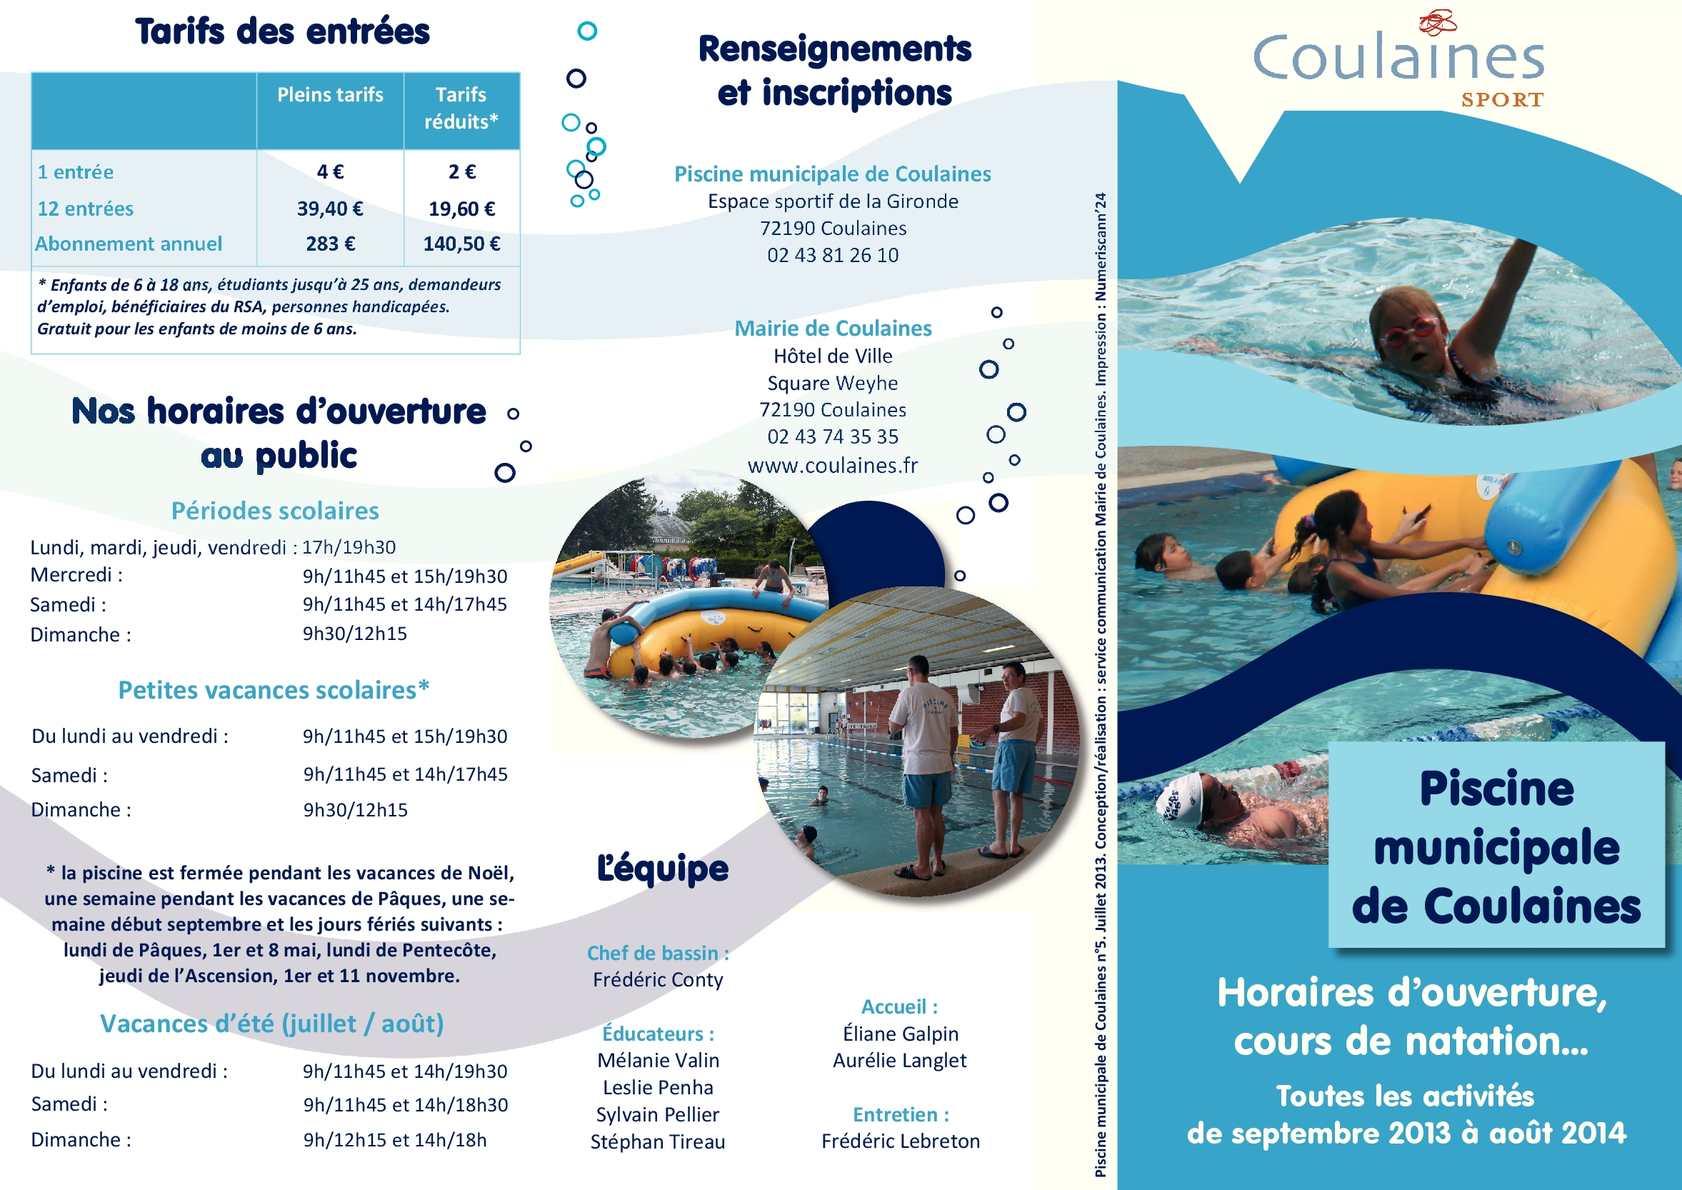 Calam o plaquette piscine 2013 2014 for Piscine de coulaines